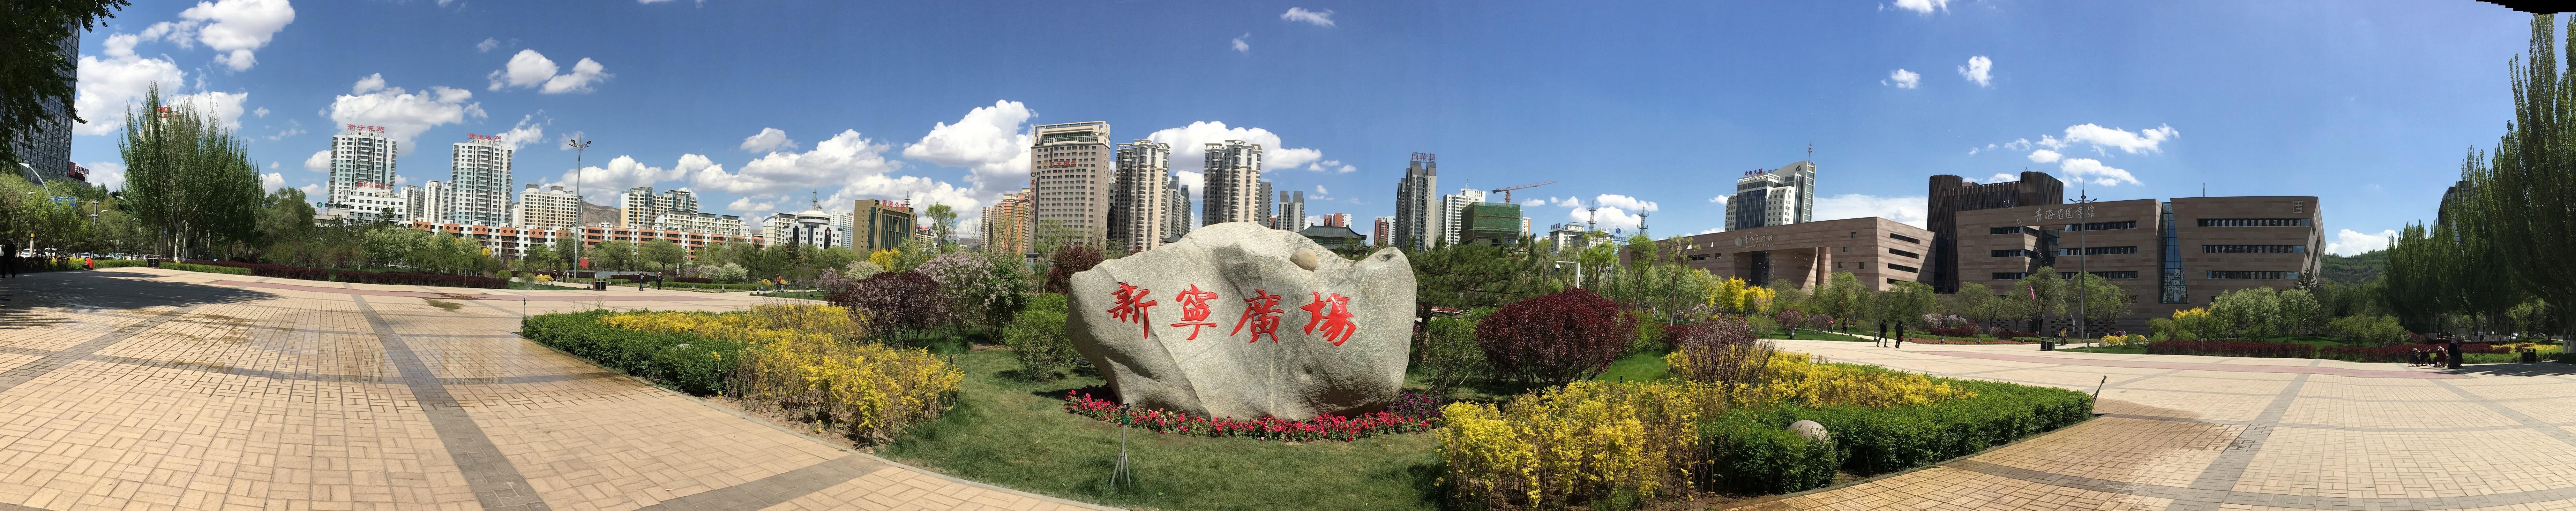 西宁地标性建筑景观(三)——新宁广场